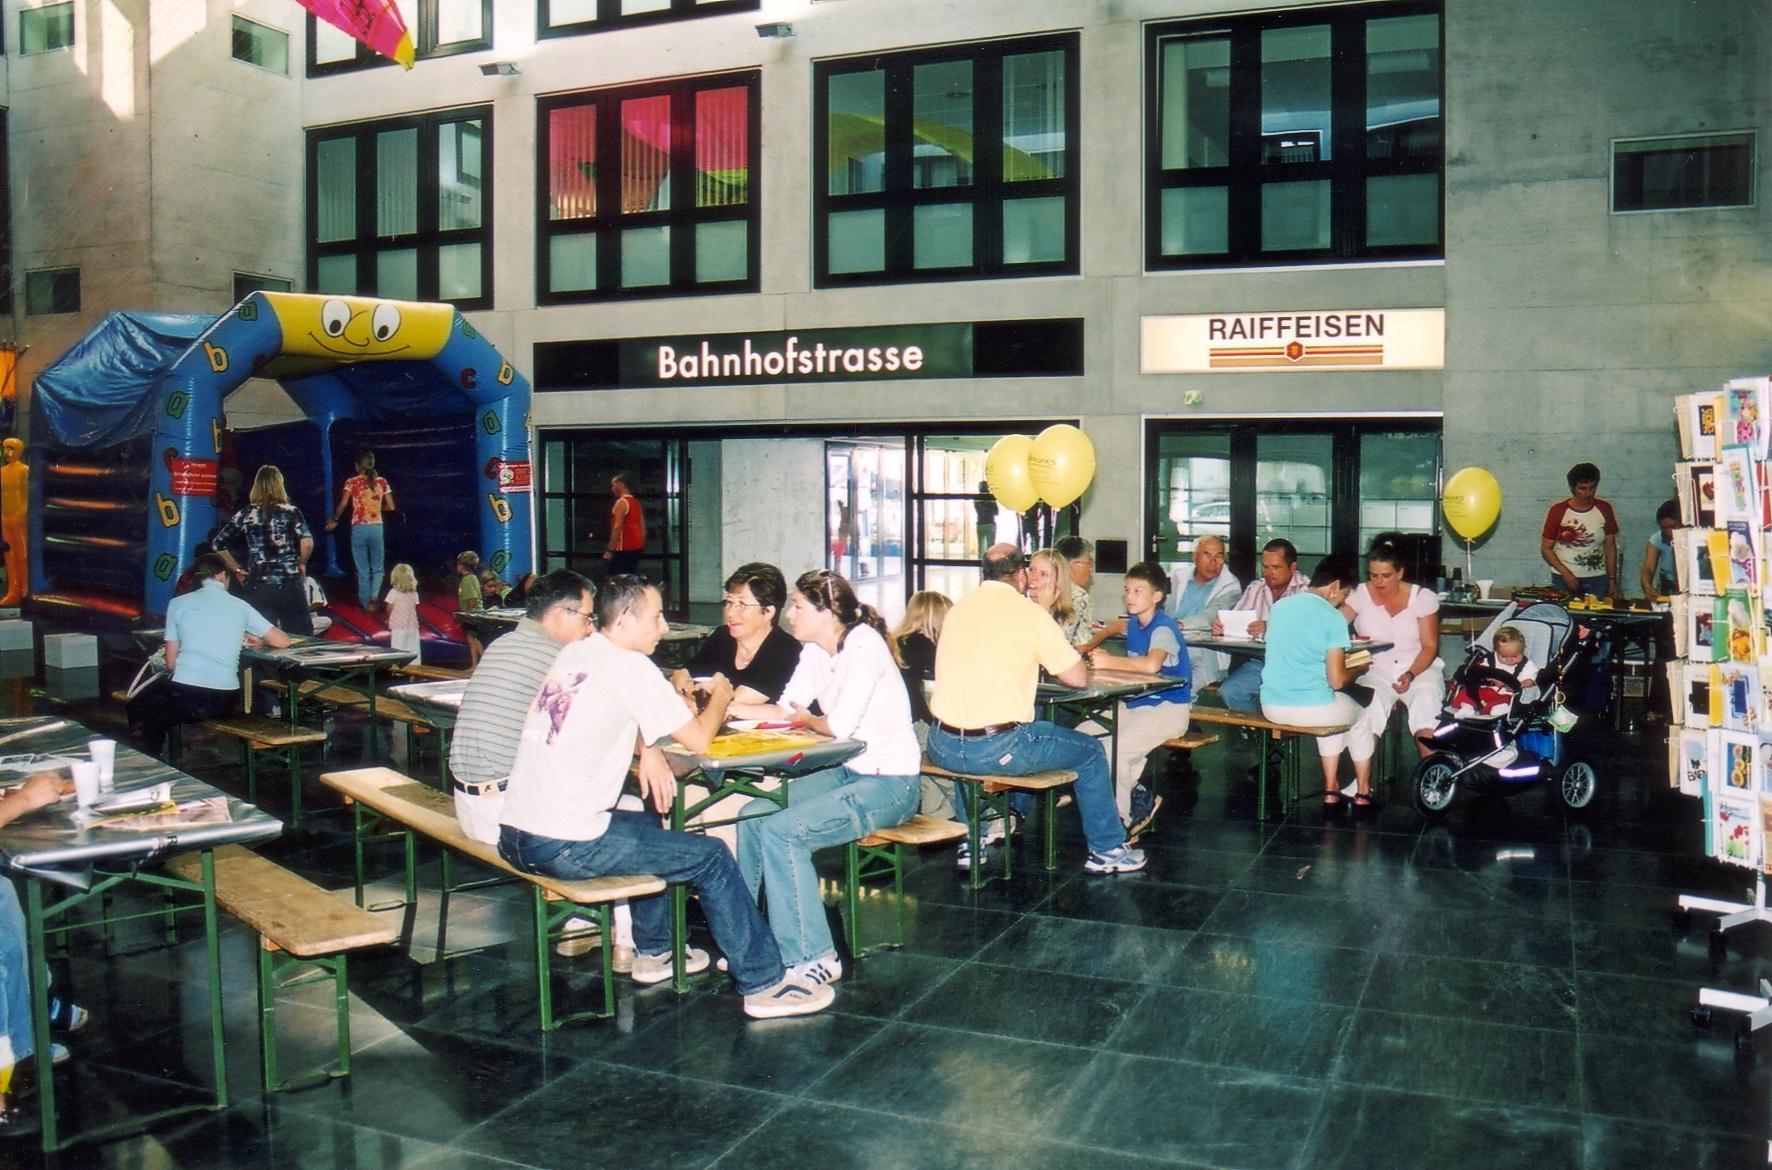 Eröffnungs-Risotto im Innenhof